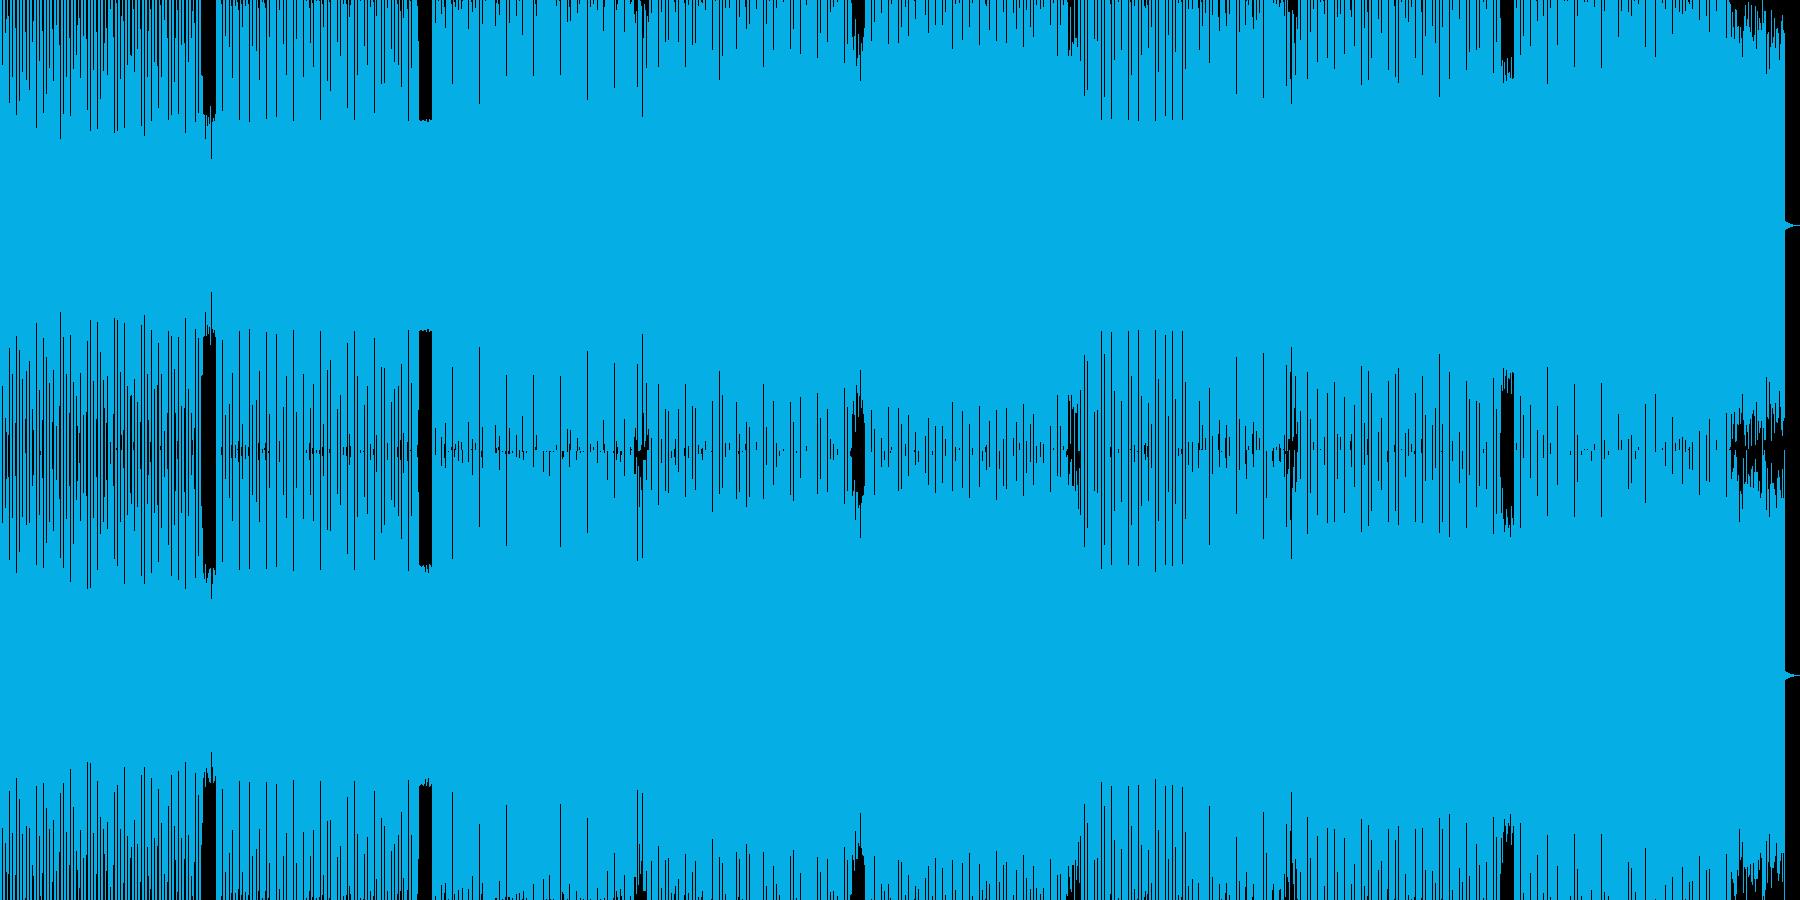 かっこよさを追求したダンステクノの再生済みの波形